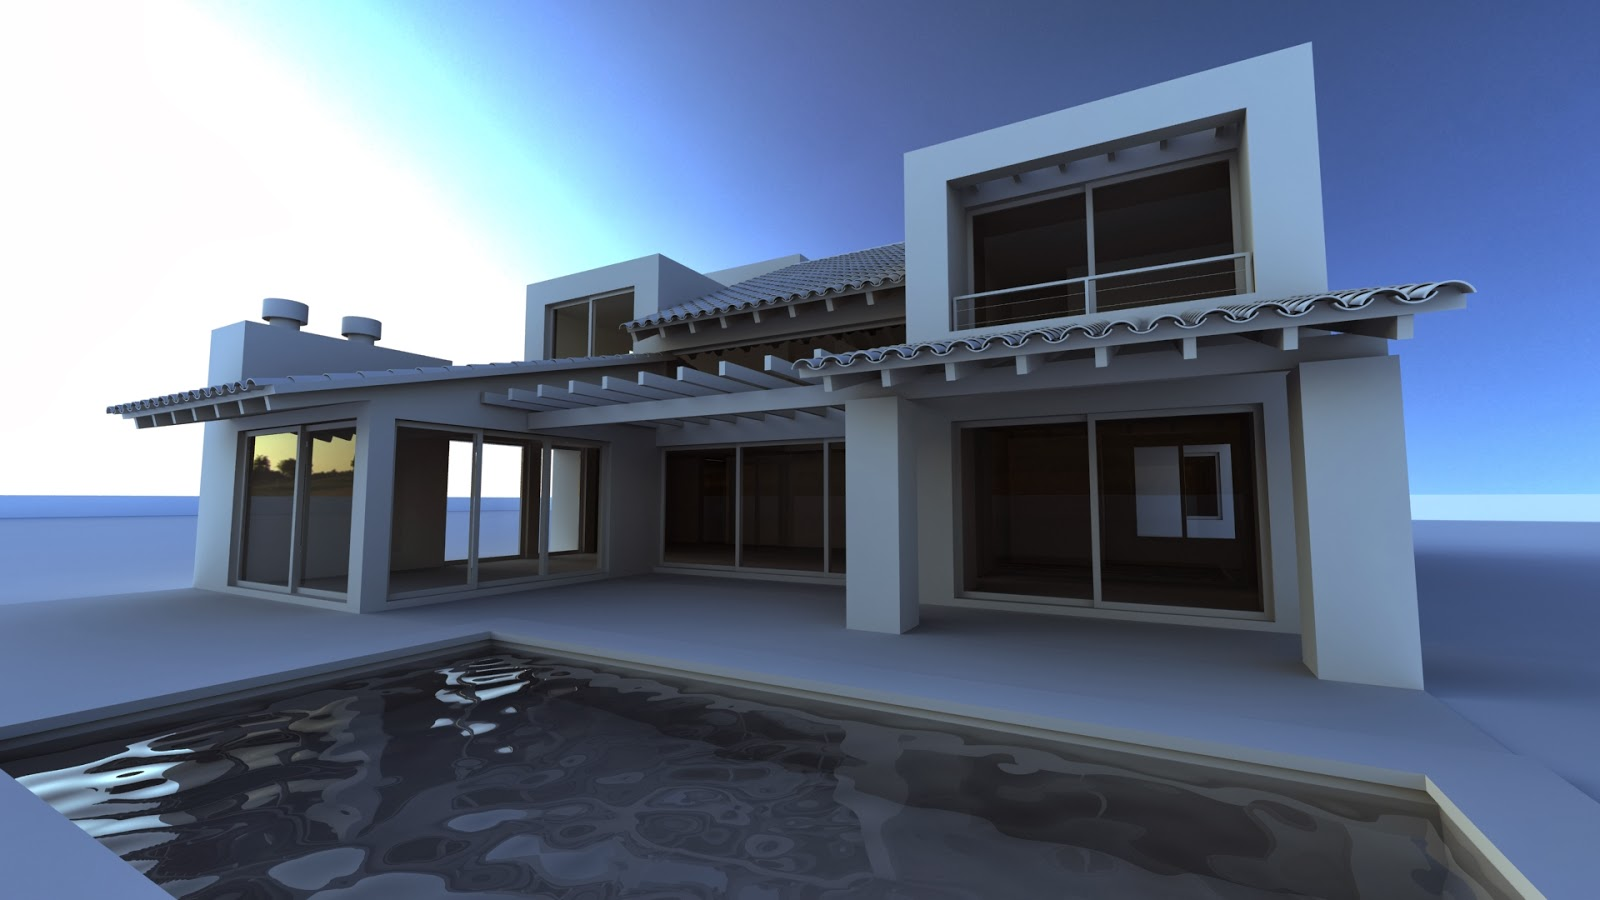 Infograf a y dise o 3d casa ckn - Diseno de casa en 3d ...